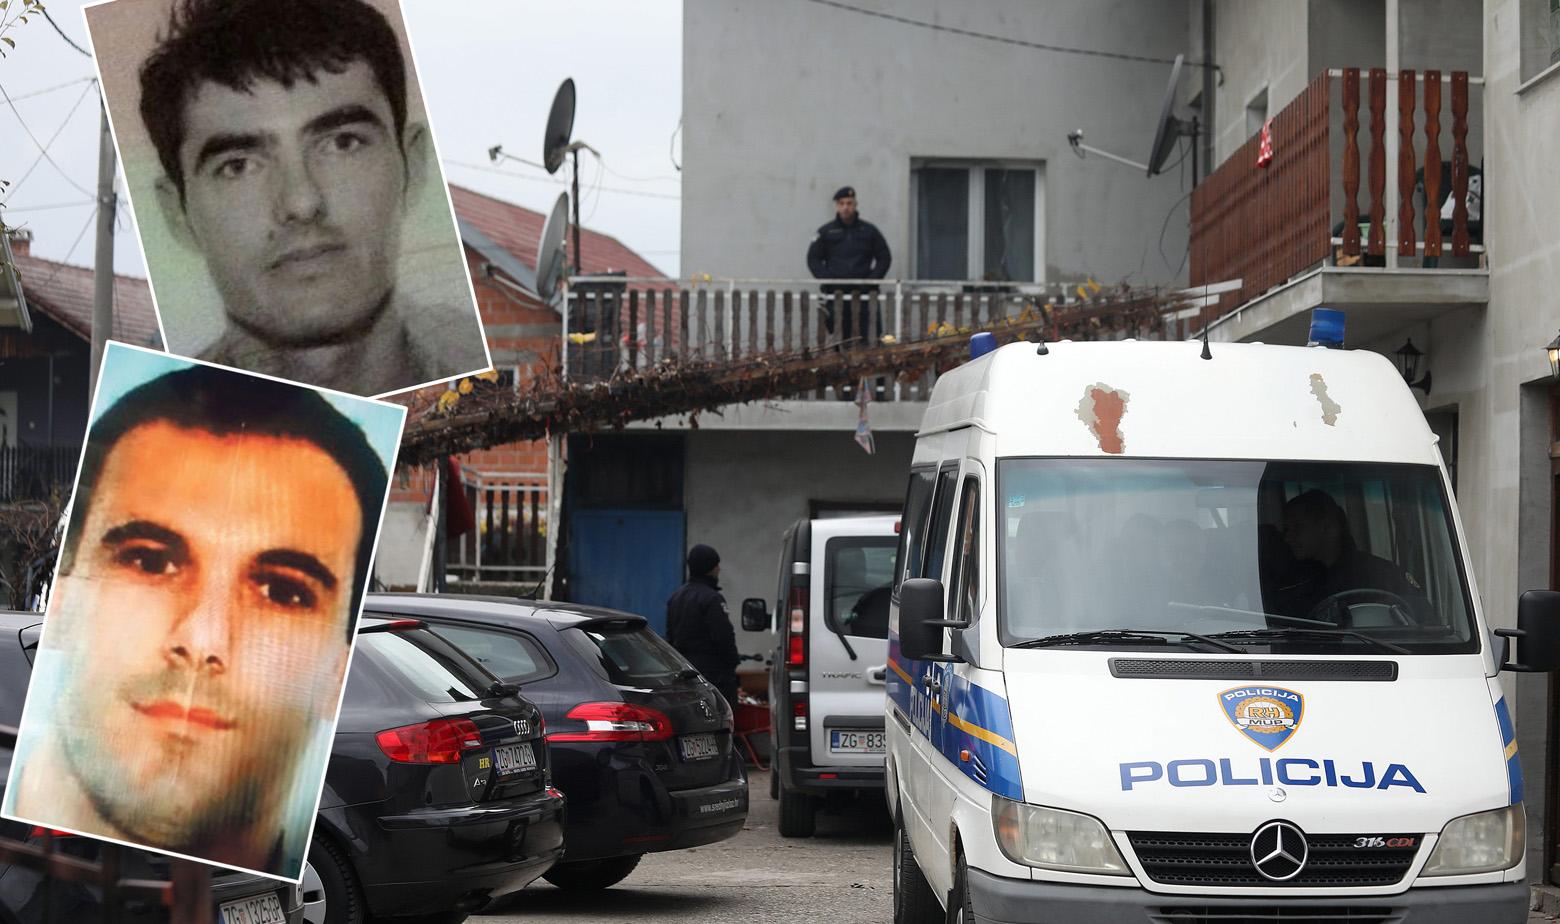 Uhićenja na Kozari boku i pripadnici škaljarskog klana Jovan Vukotić i Igor Dedović